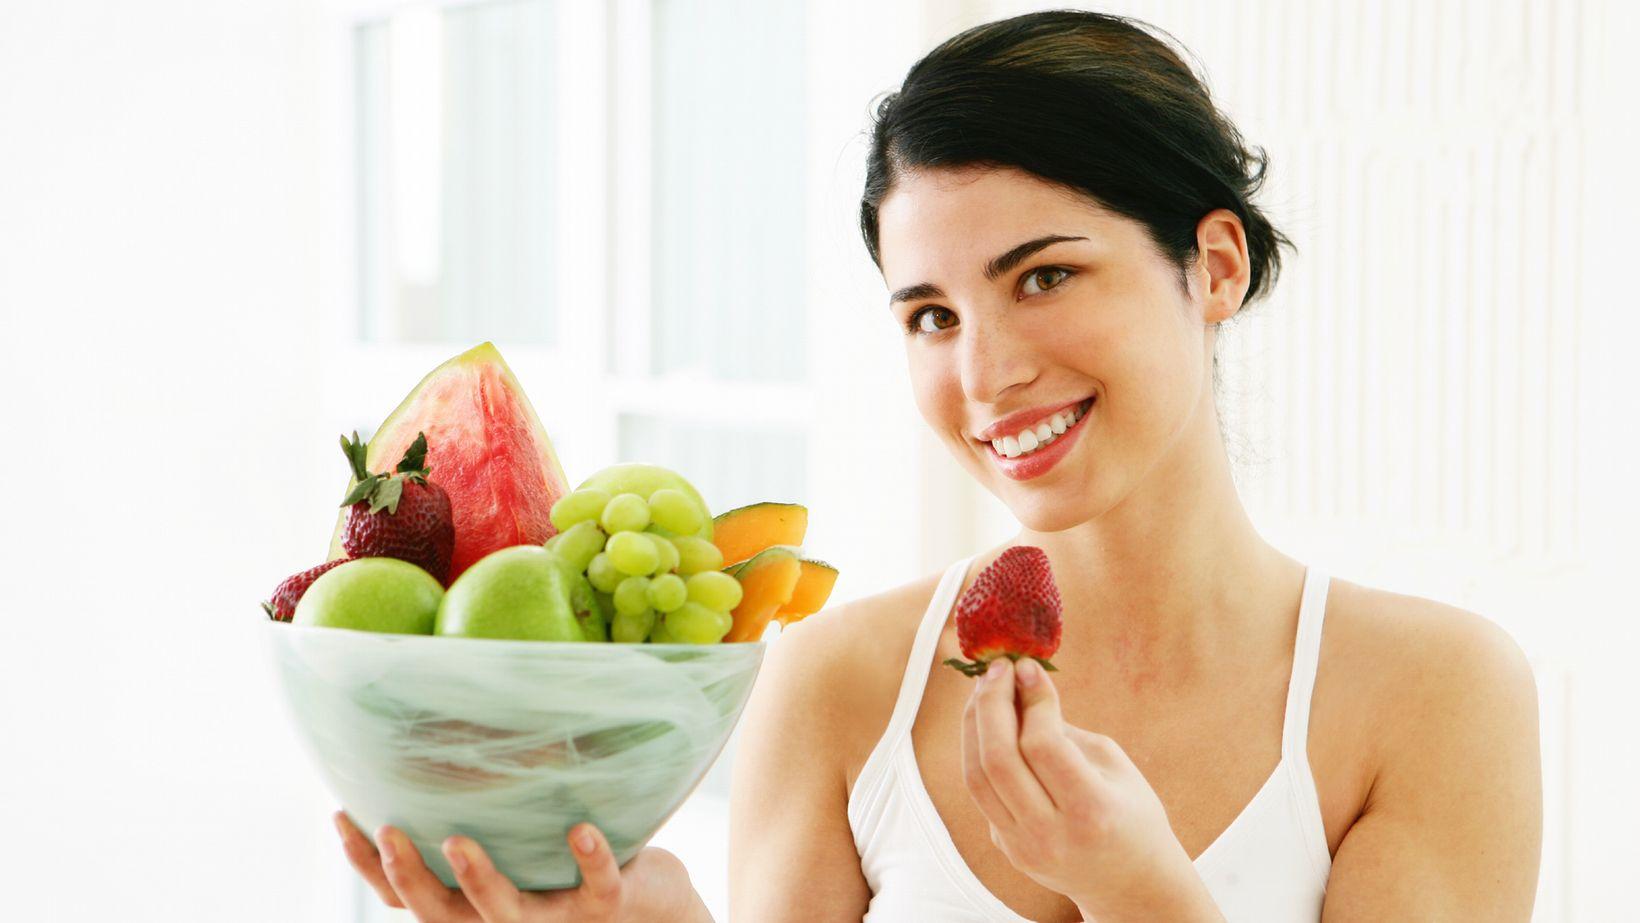 Frutas laxantes para adelgazar